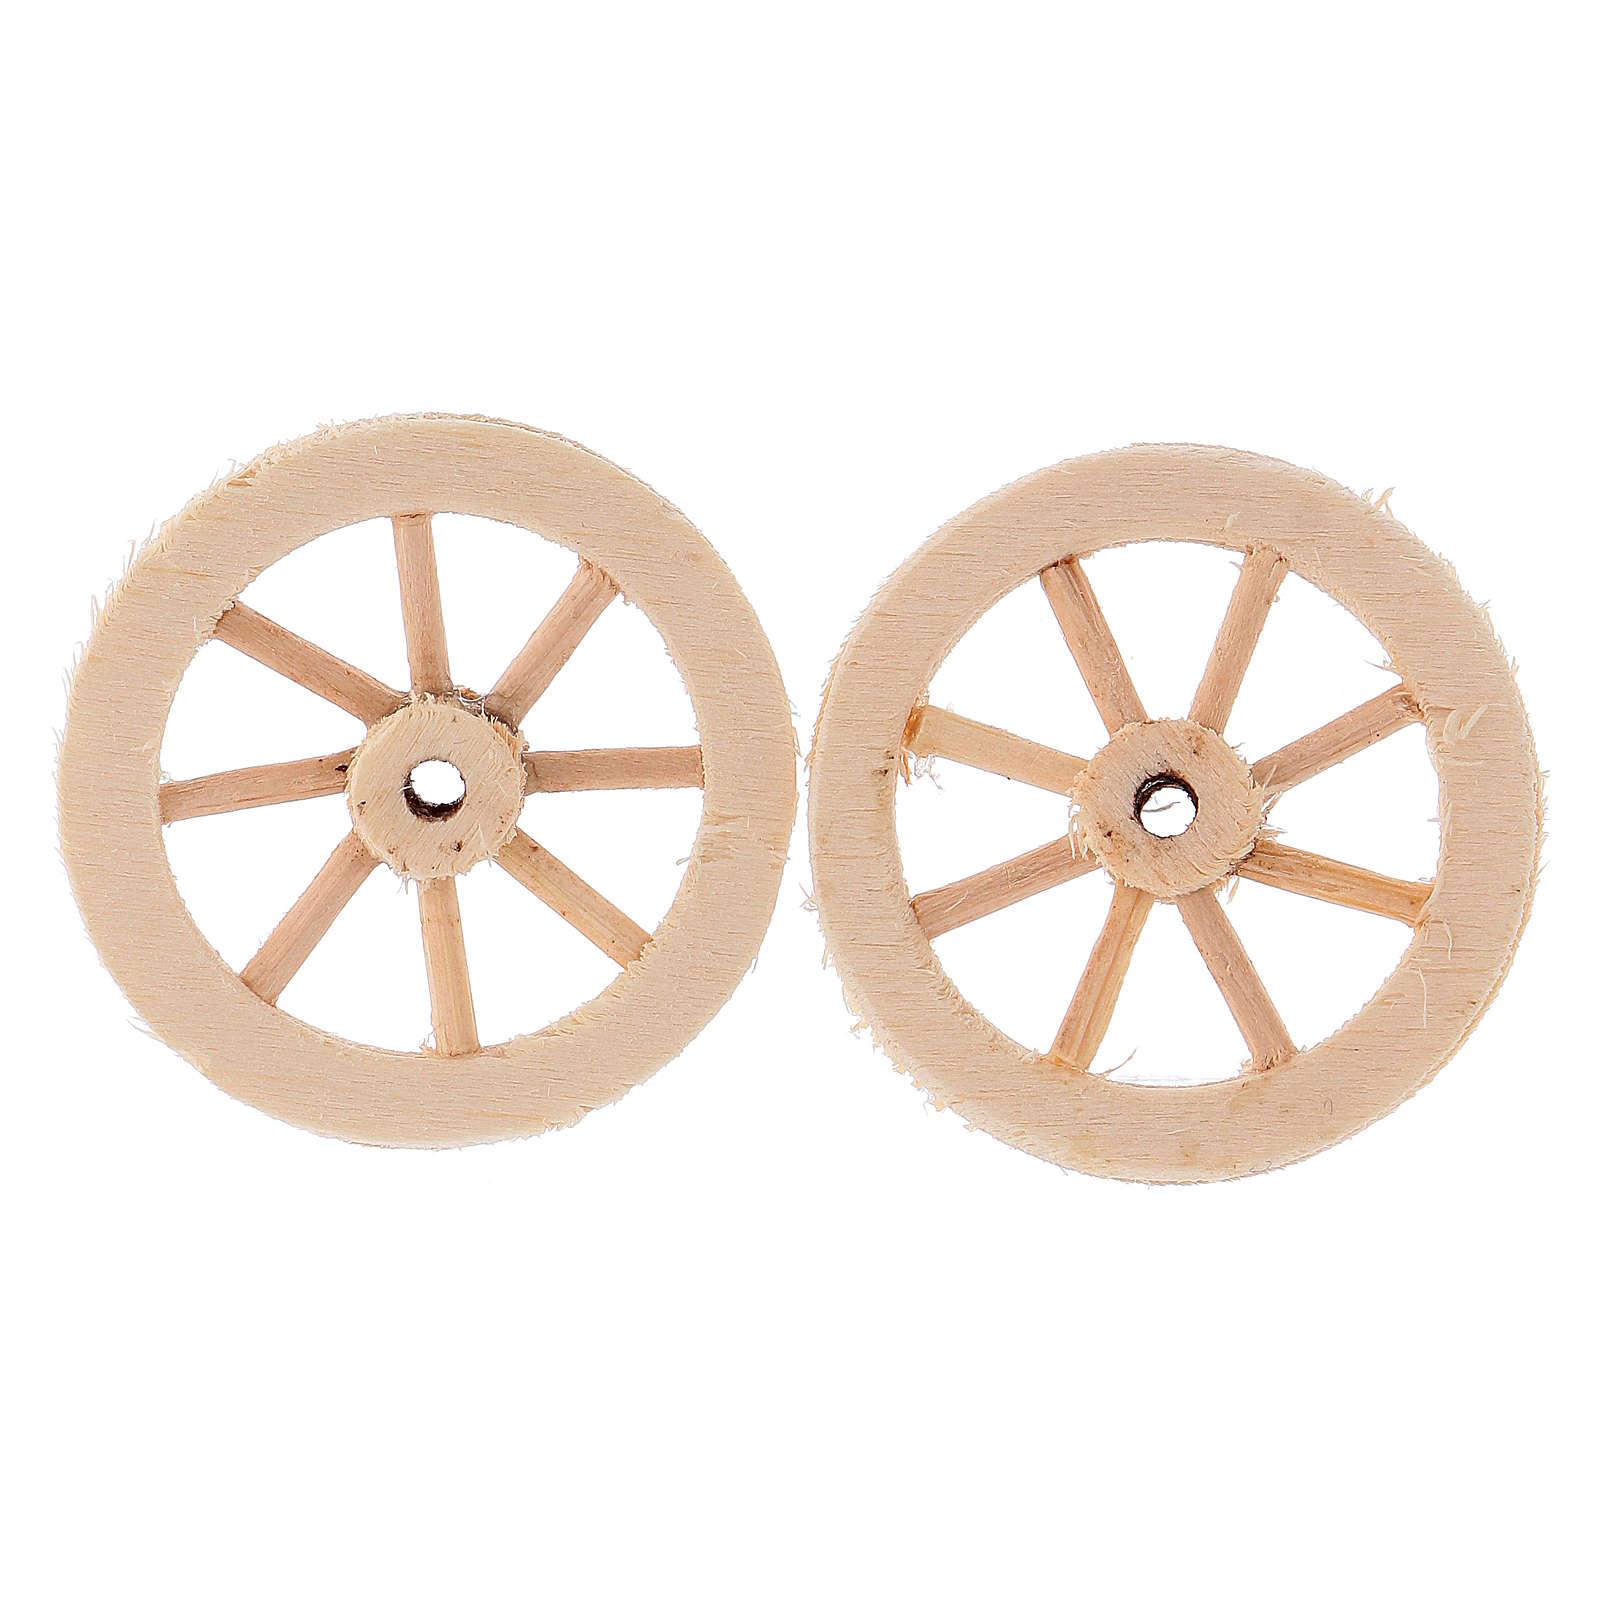 Deux roues en bois 3,5 cm 4